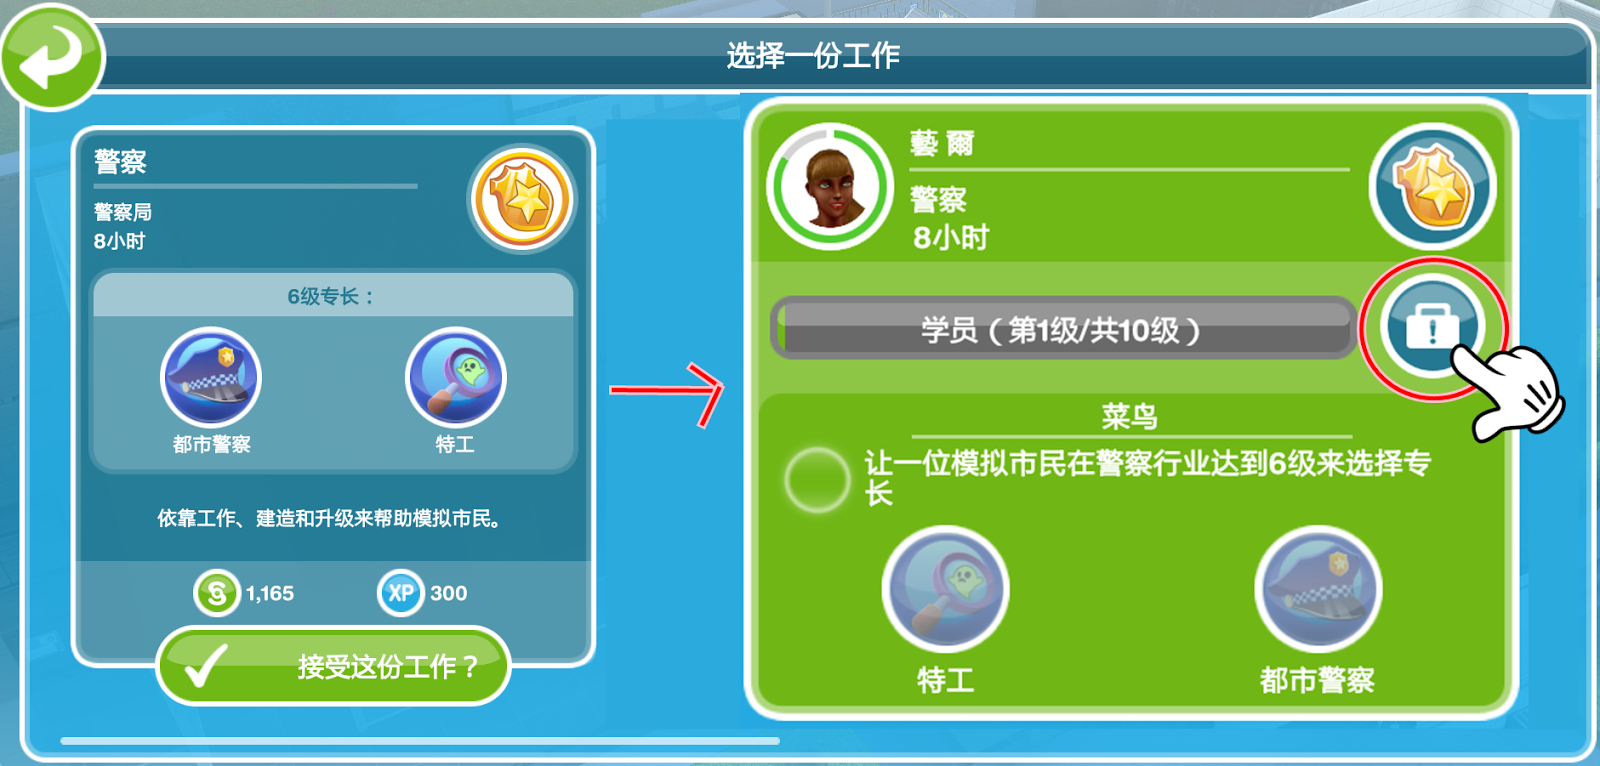 初夏的極光: 【攻略】The Sims FreePlay - 行業:專長培訓任務